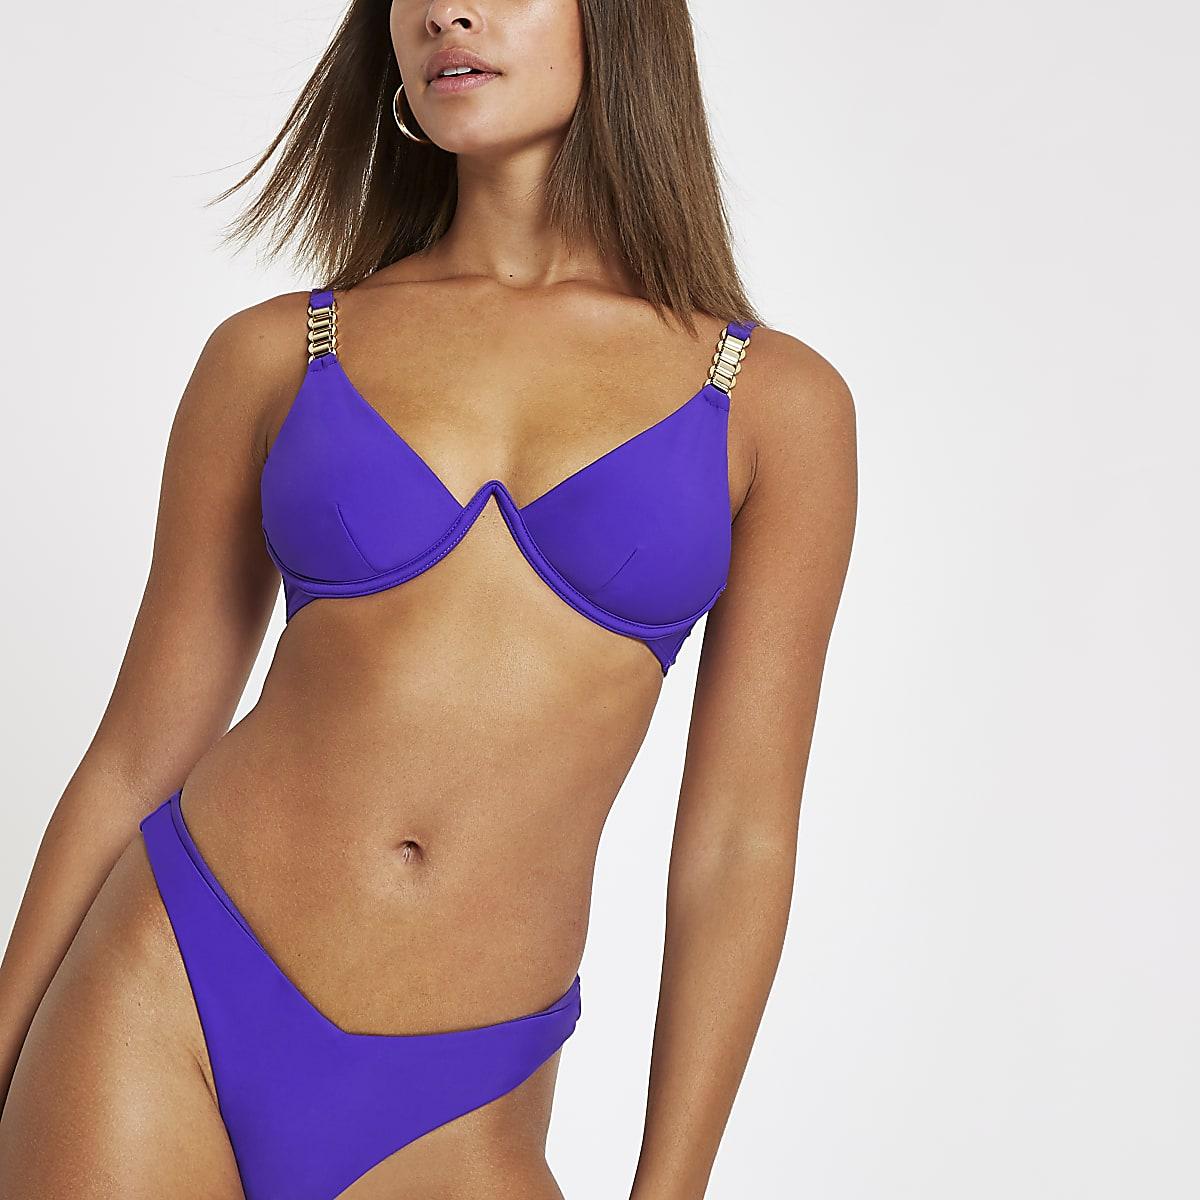 Paarse bikinitop met ketting en beugel